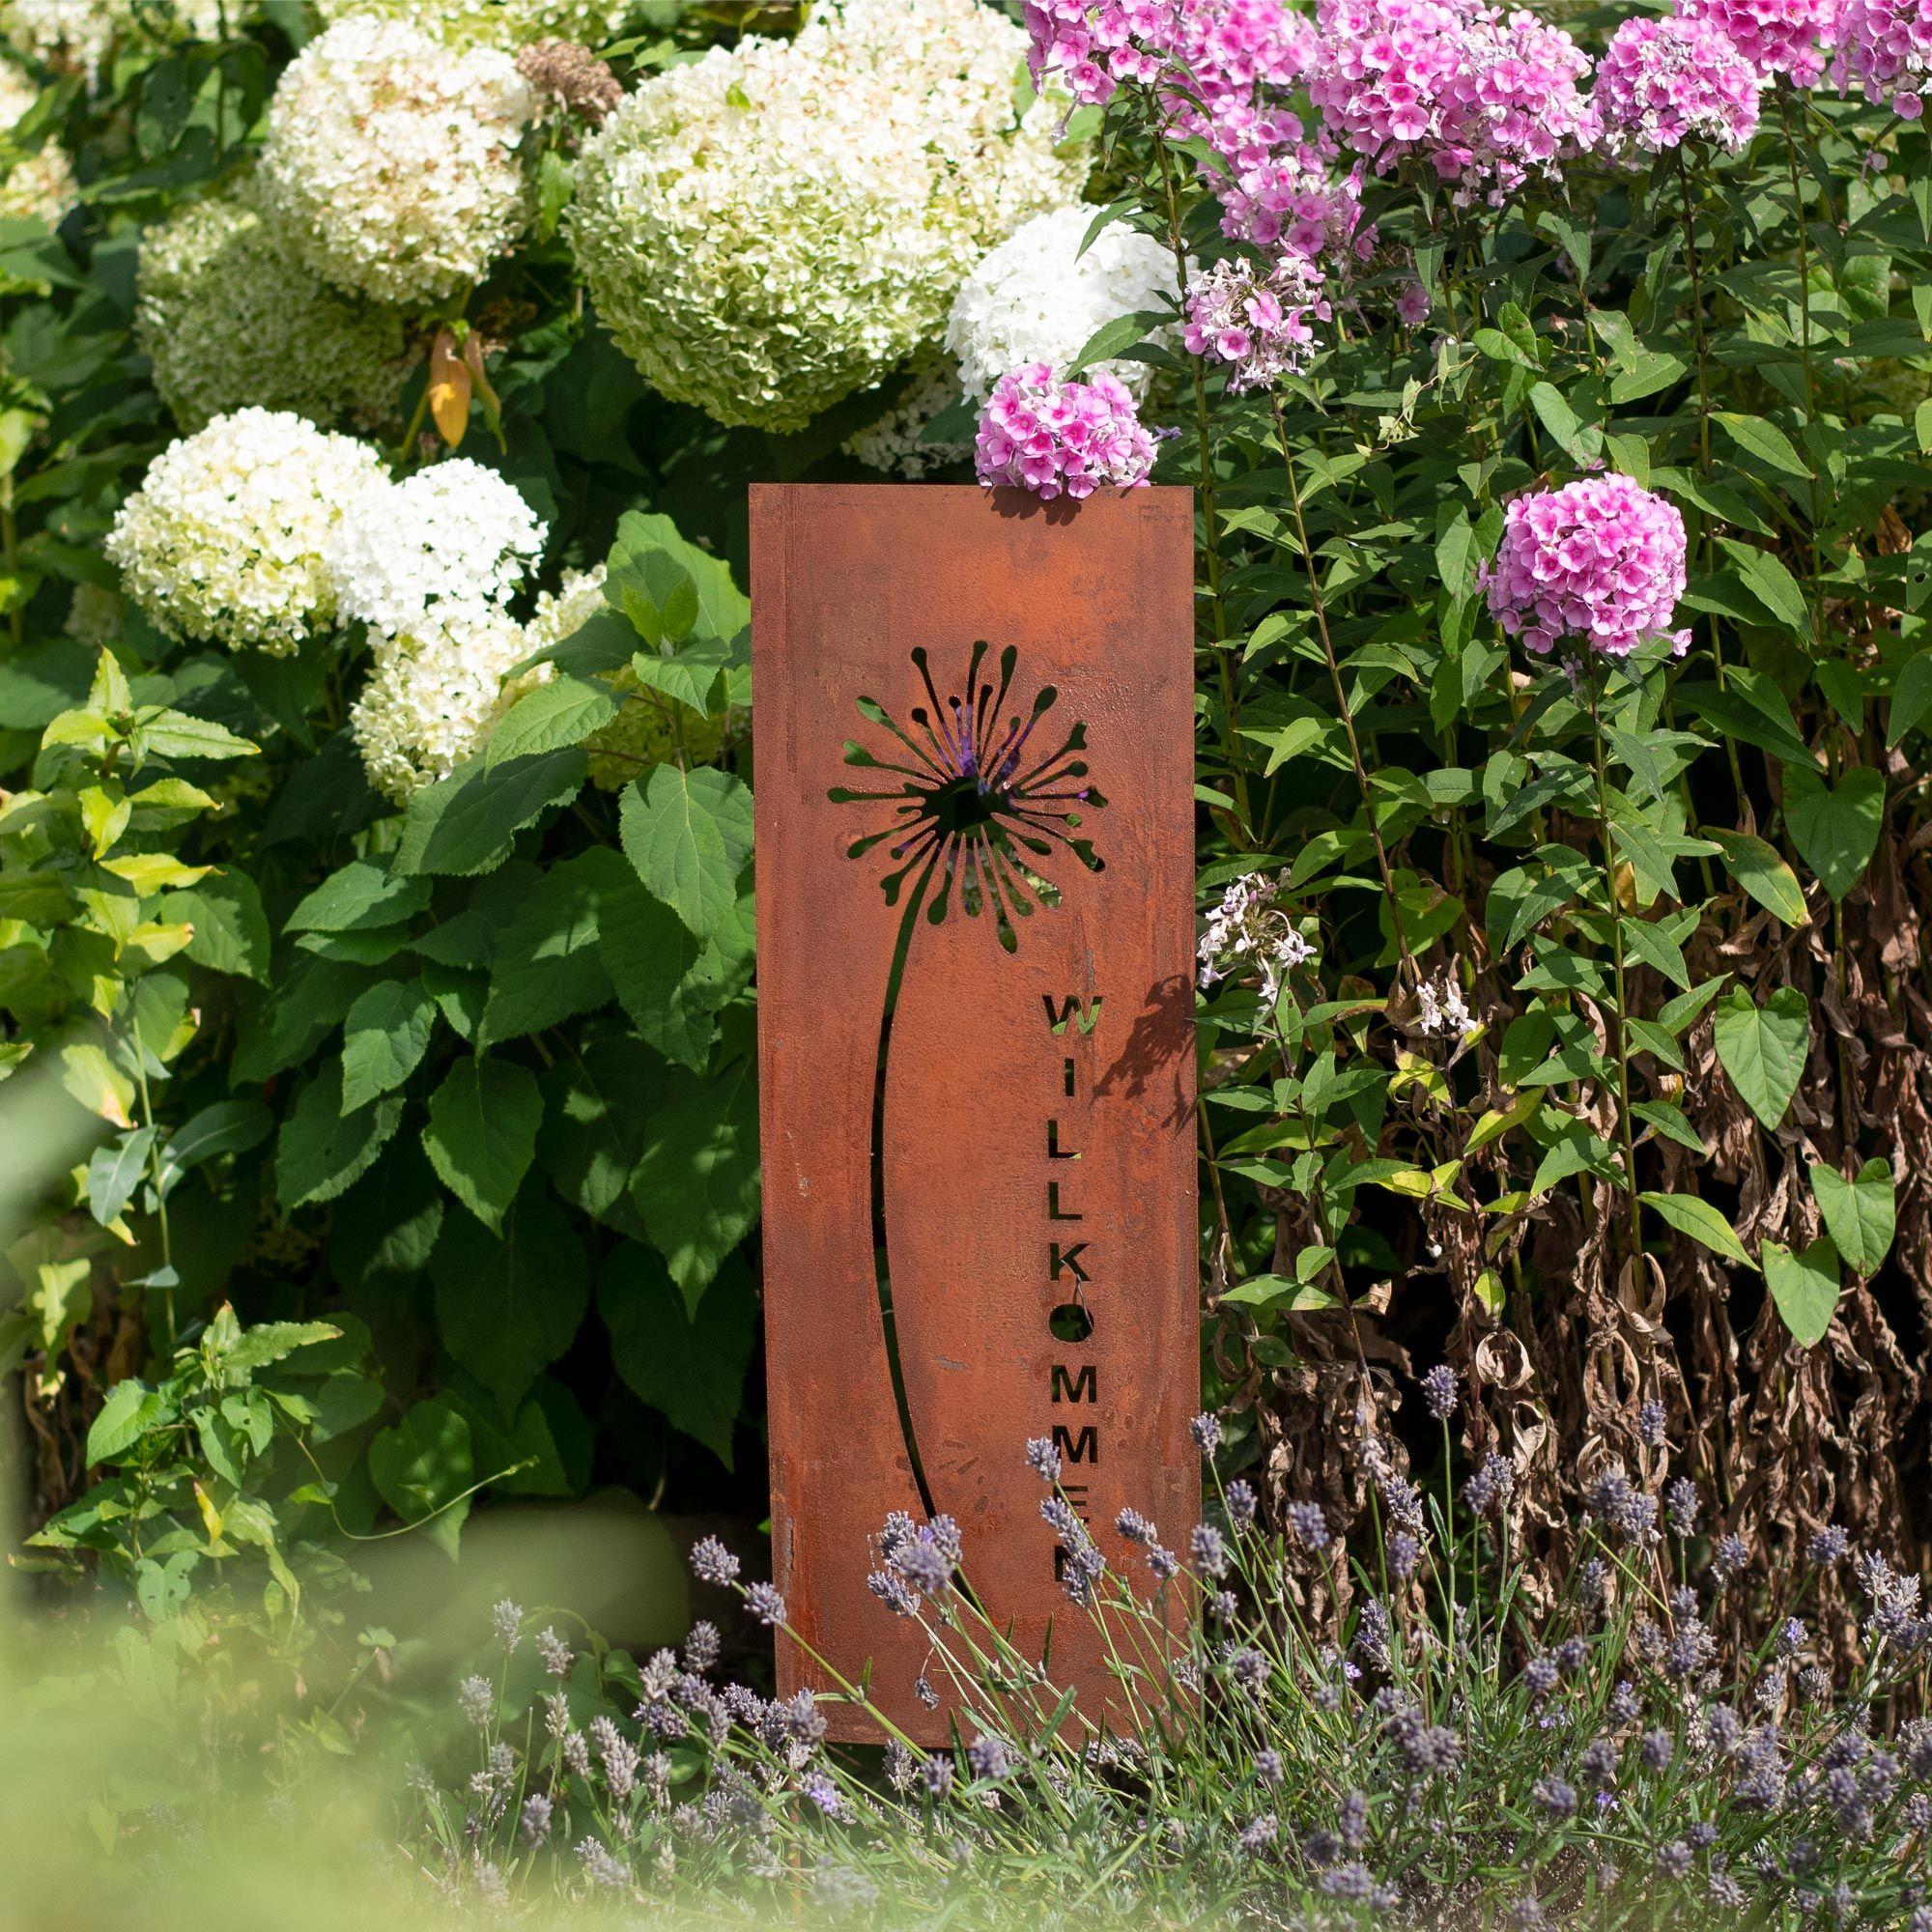 Gartendeko Gartenstecker Aus Edelrost Metall Schild Pusteblume 133 Cm Fur Garten Terrasse Balkon Garten Deko Edelrost Gartenstecker